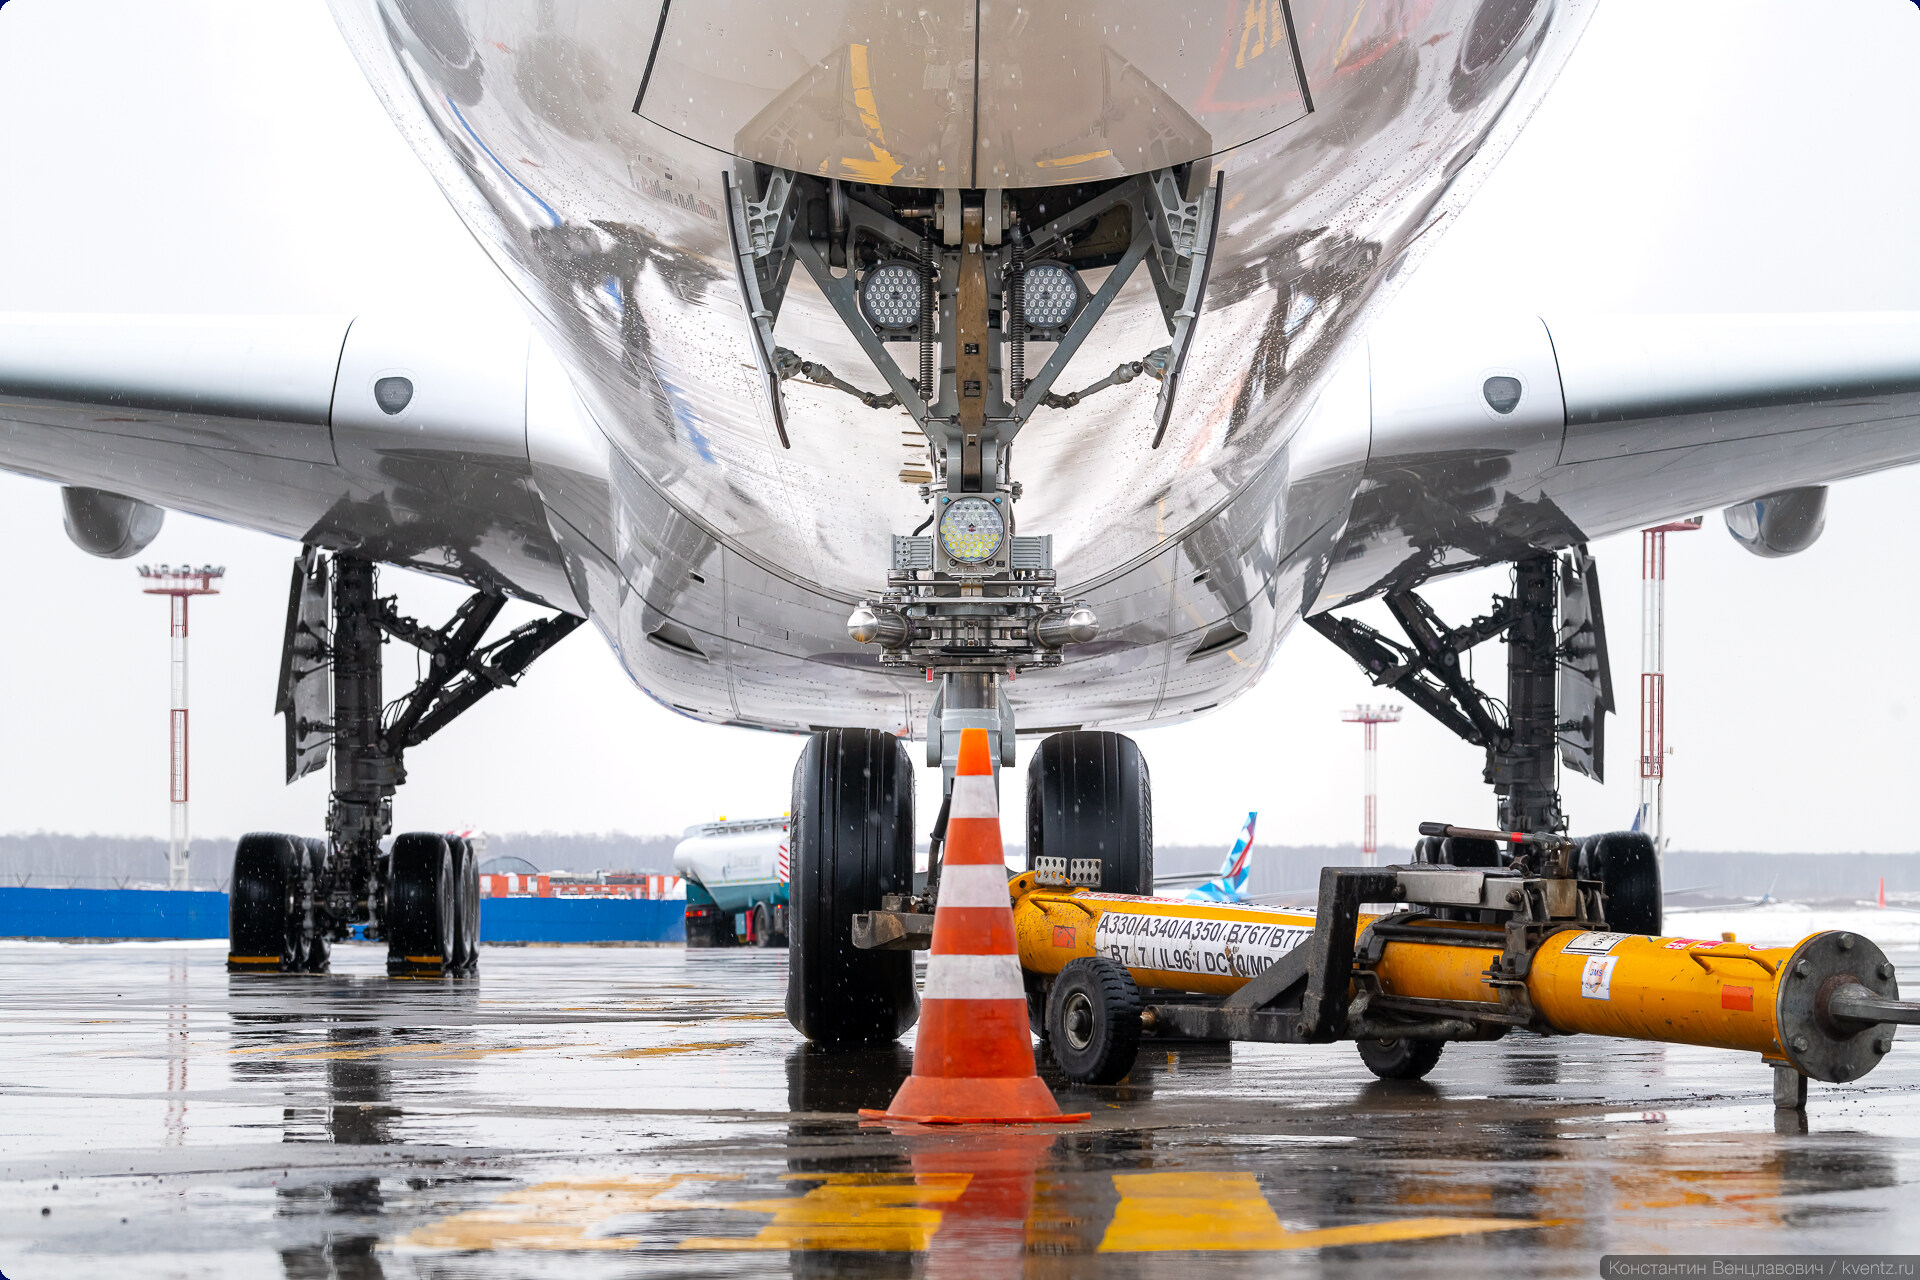 06. То, что получилось в итоге, никого не устроило, поэтому Airbus решил начать всё с нуля. Итогом стала абсолютно новая модель A350 c большой долей композитных материалов в конструкции.